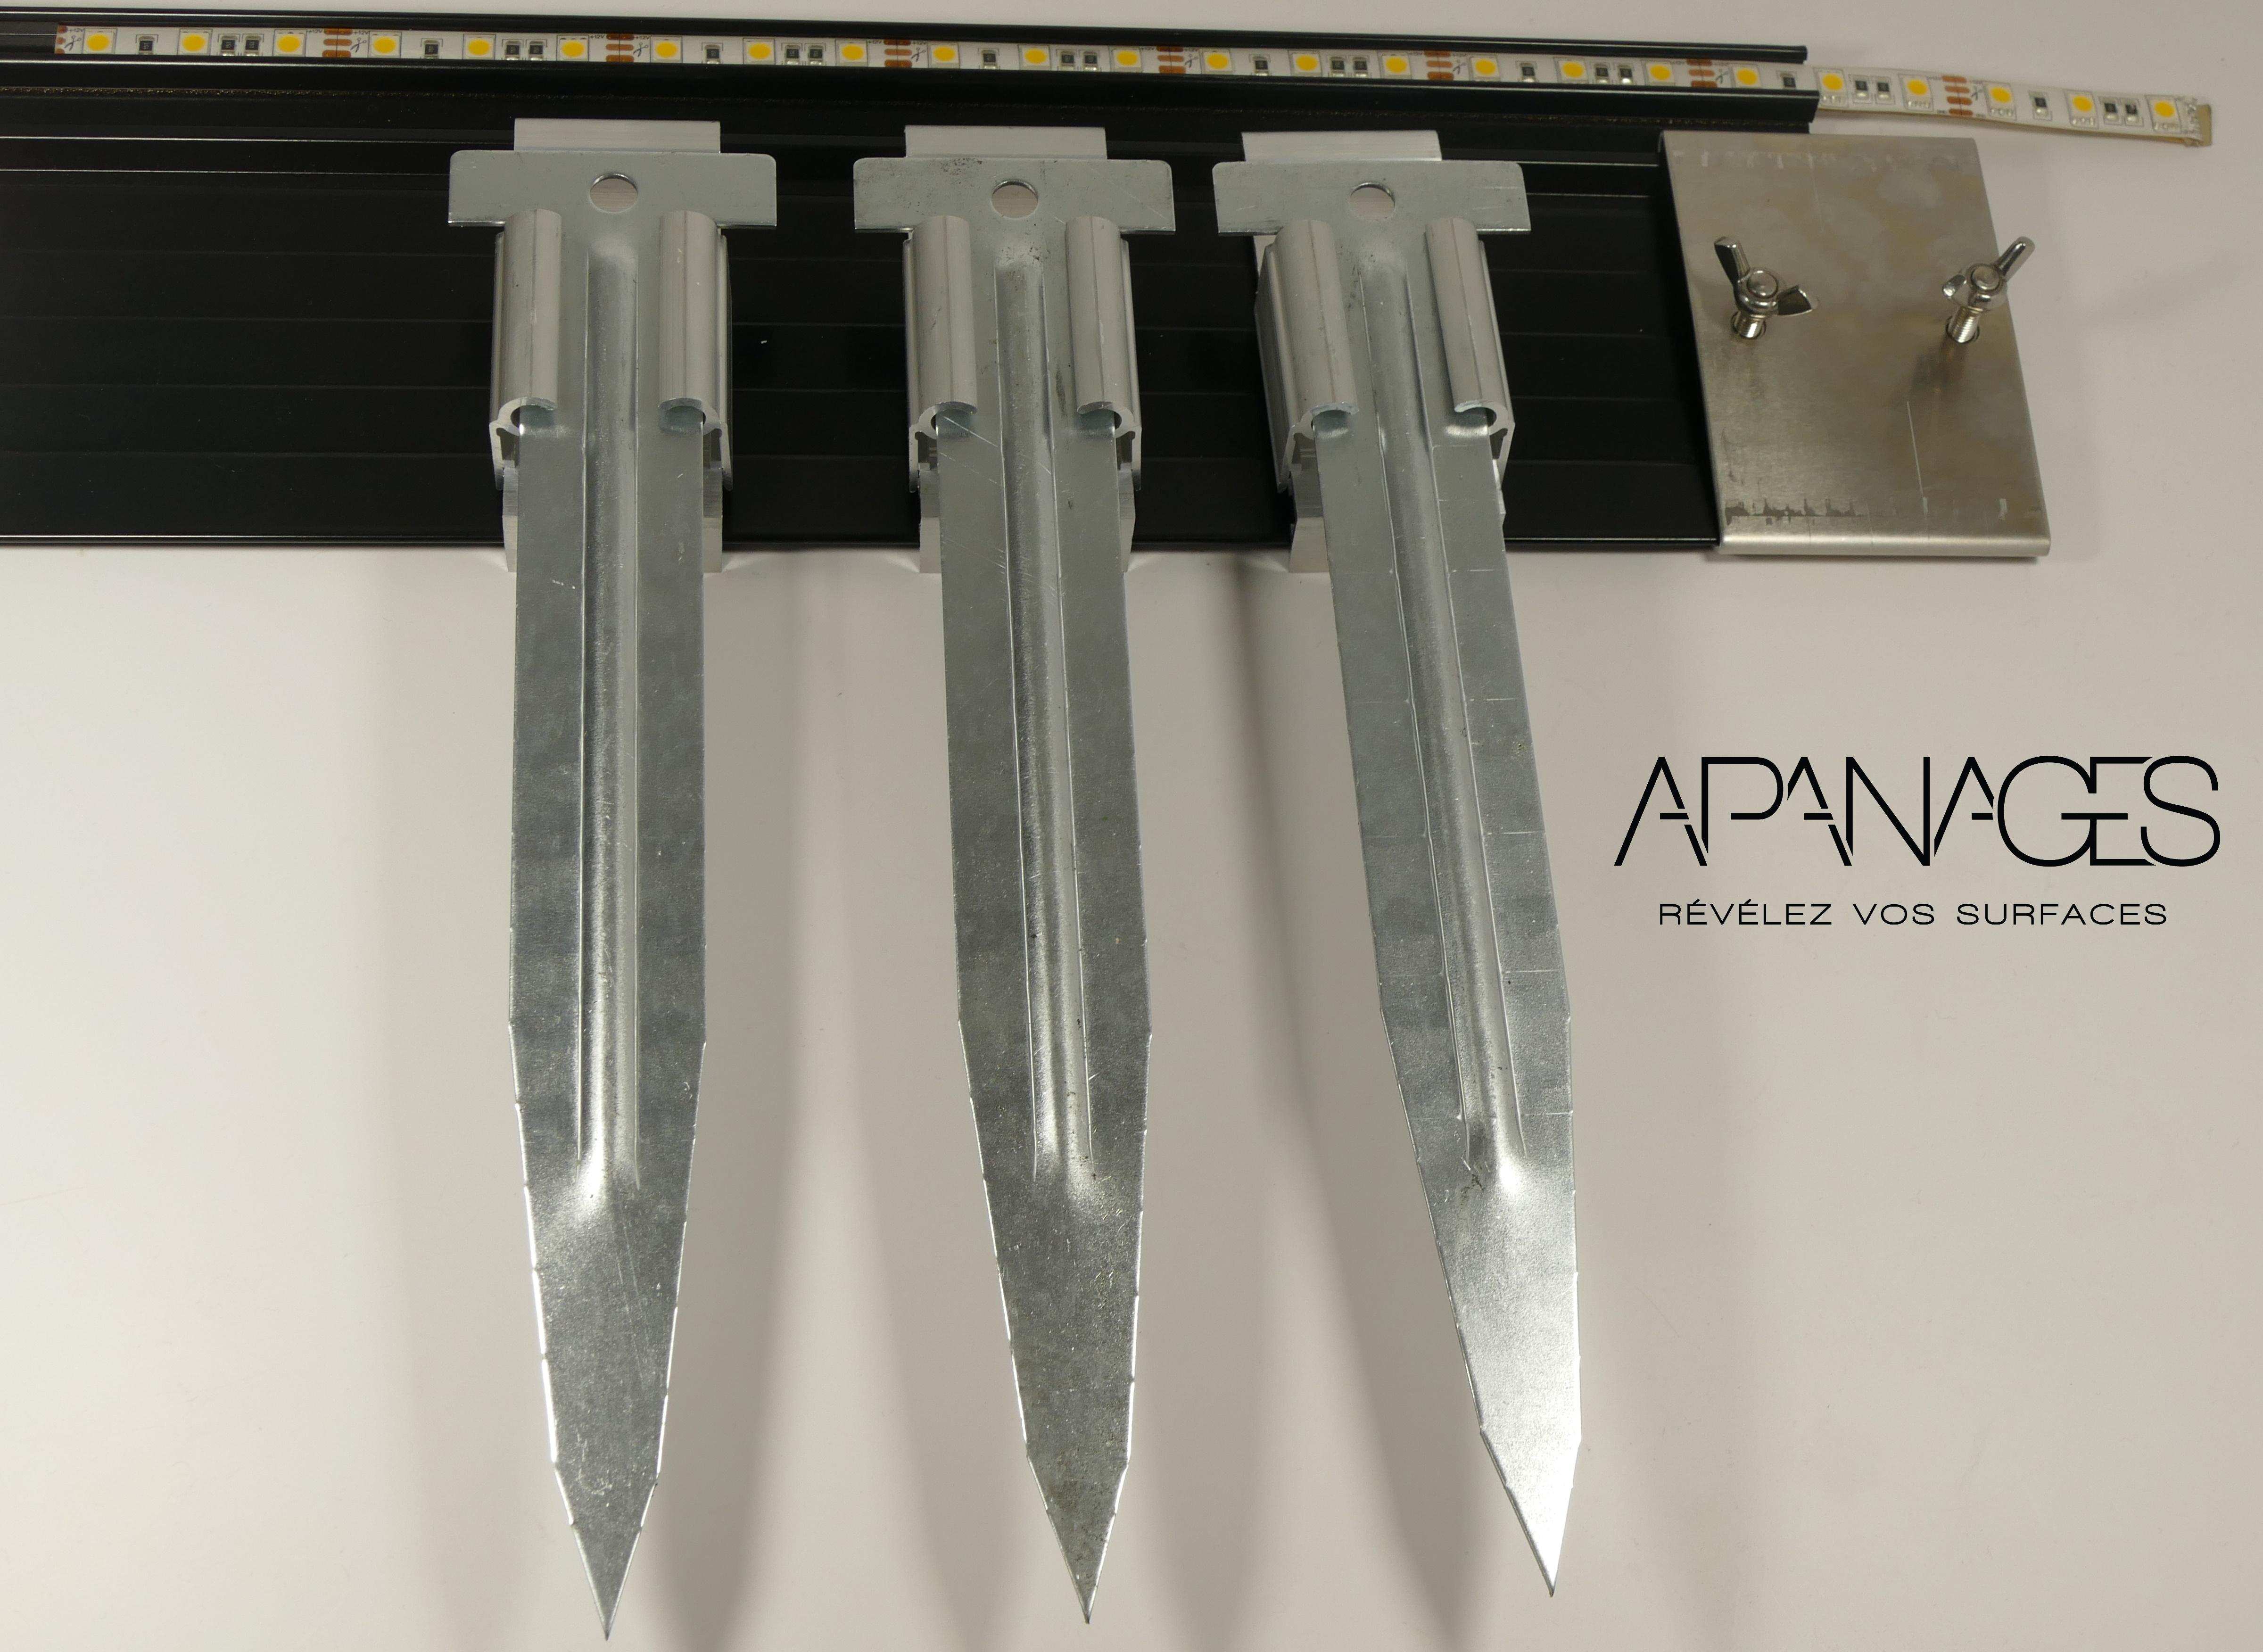 Piquets plats sardines pour voliges et bordures de jardin métallique alu aluminium